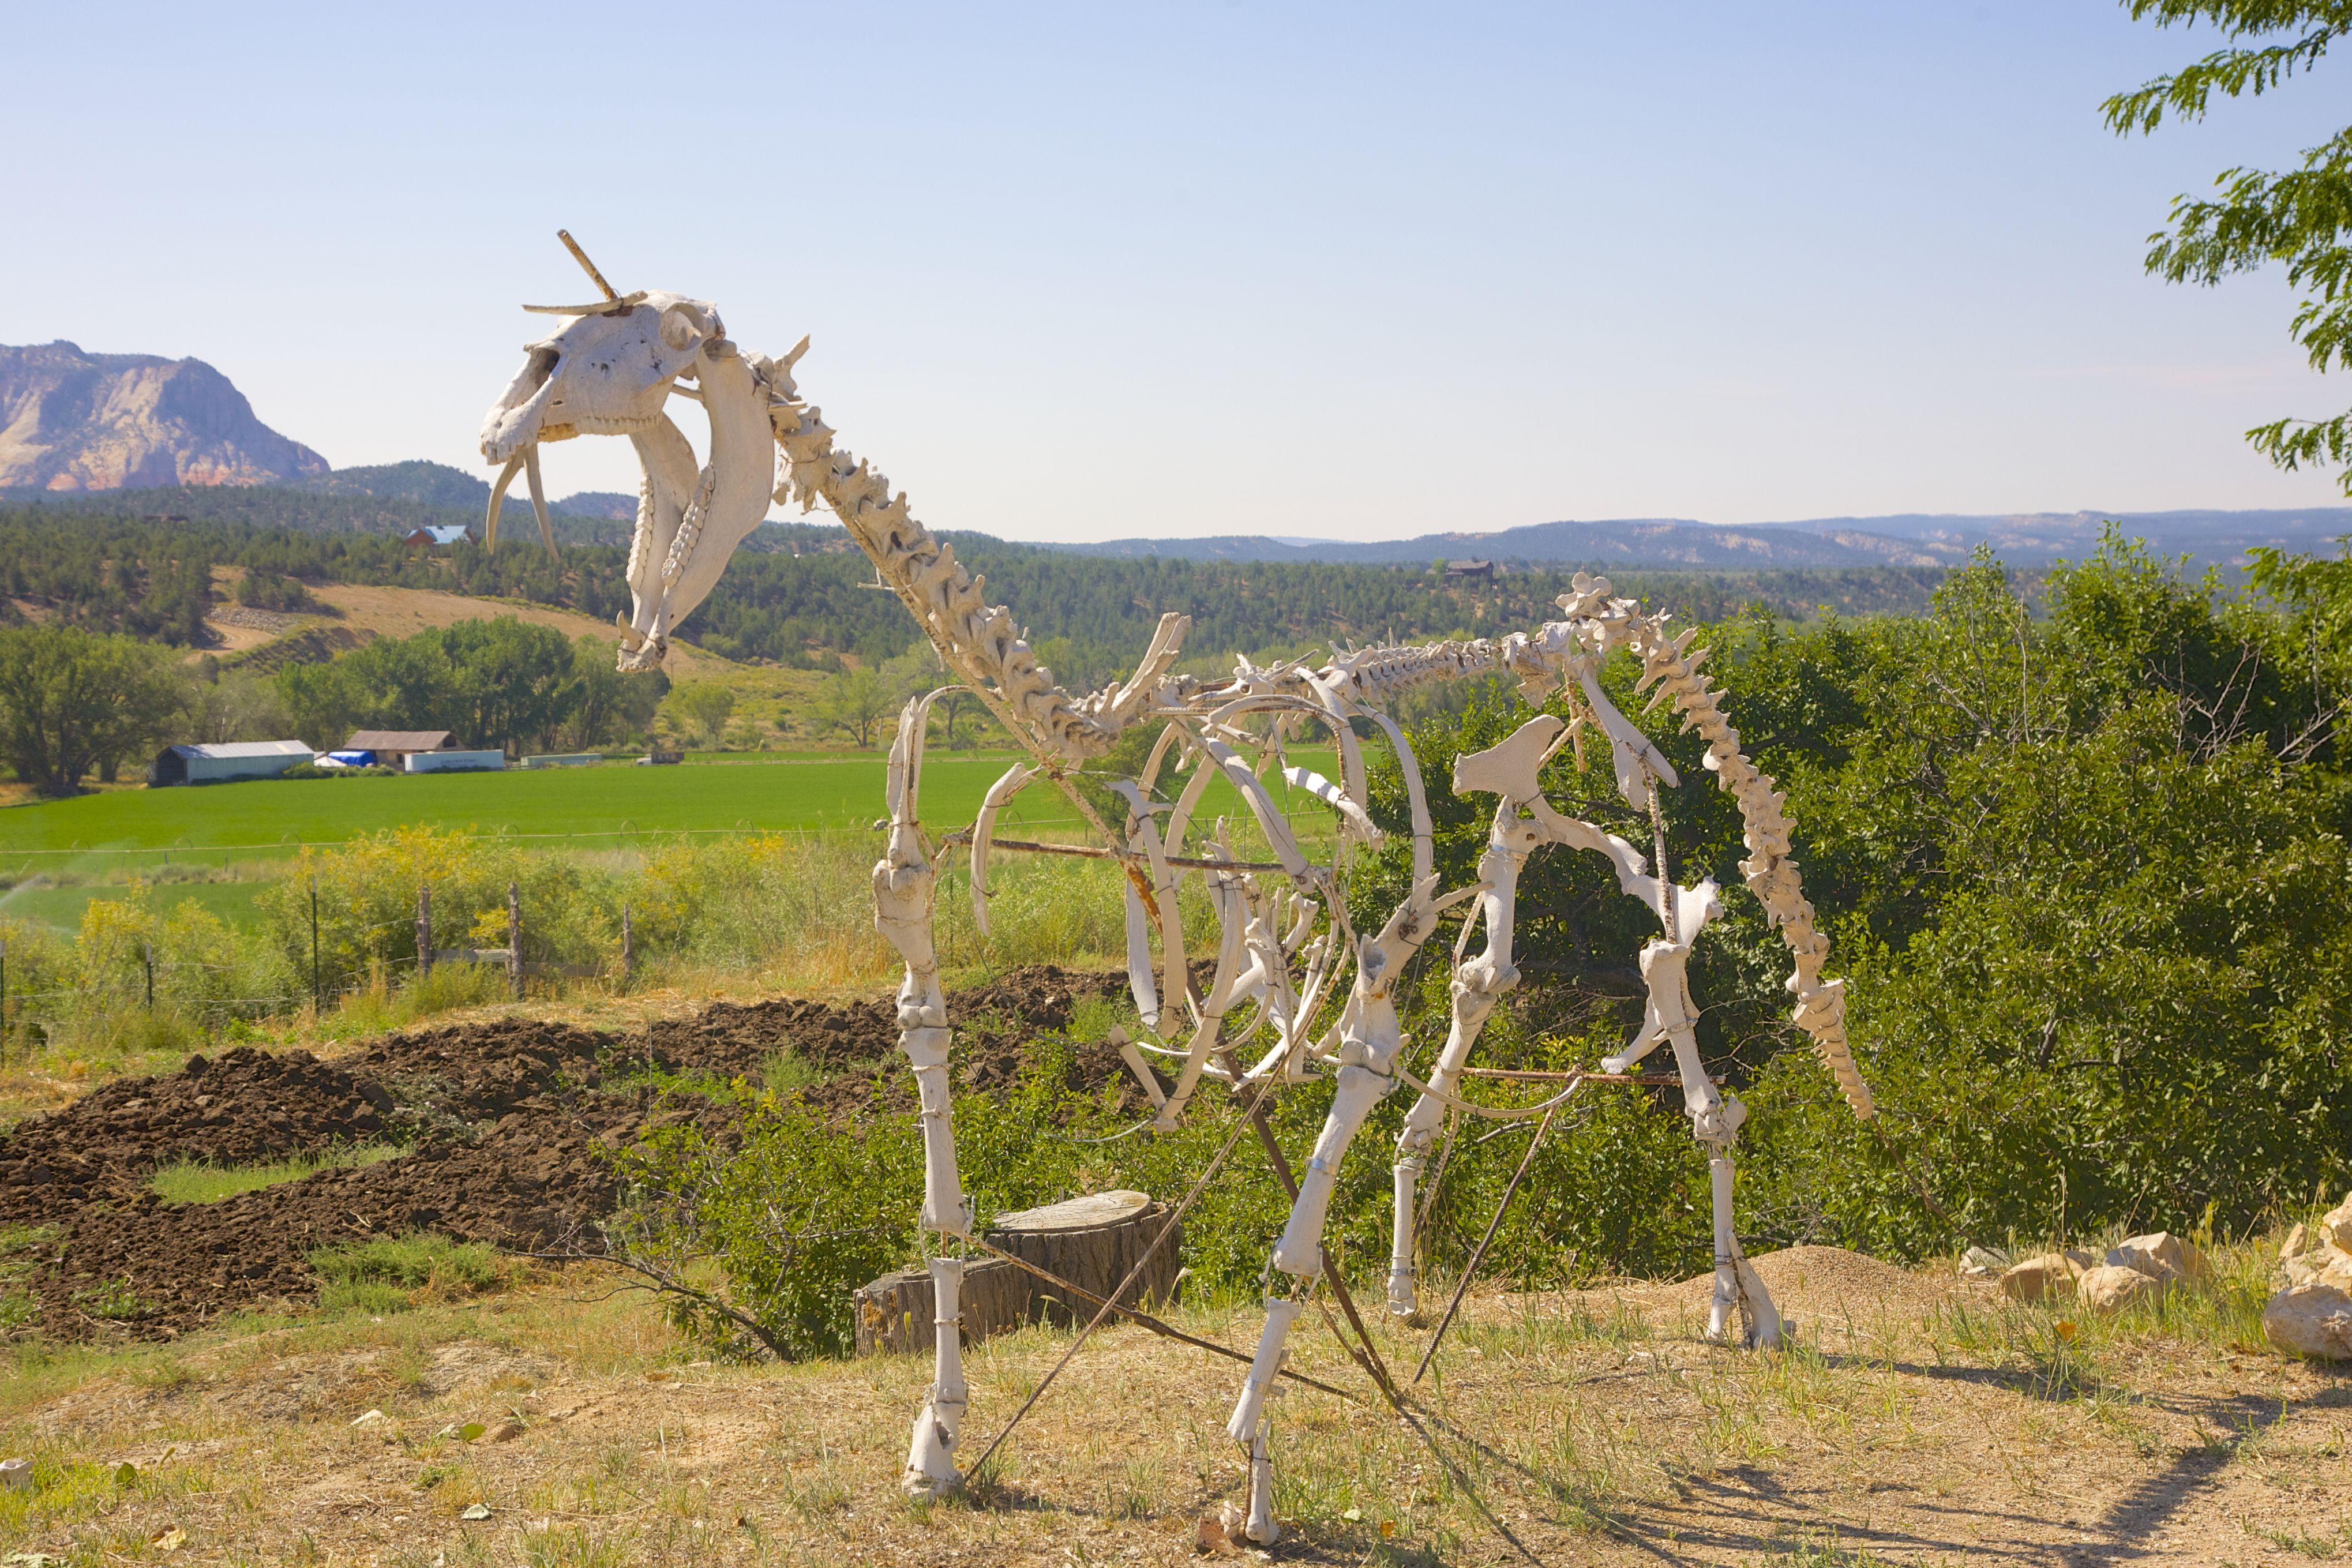 Esqueleto de dinosaurio cerca del campo en Orderville, Utah